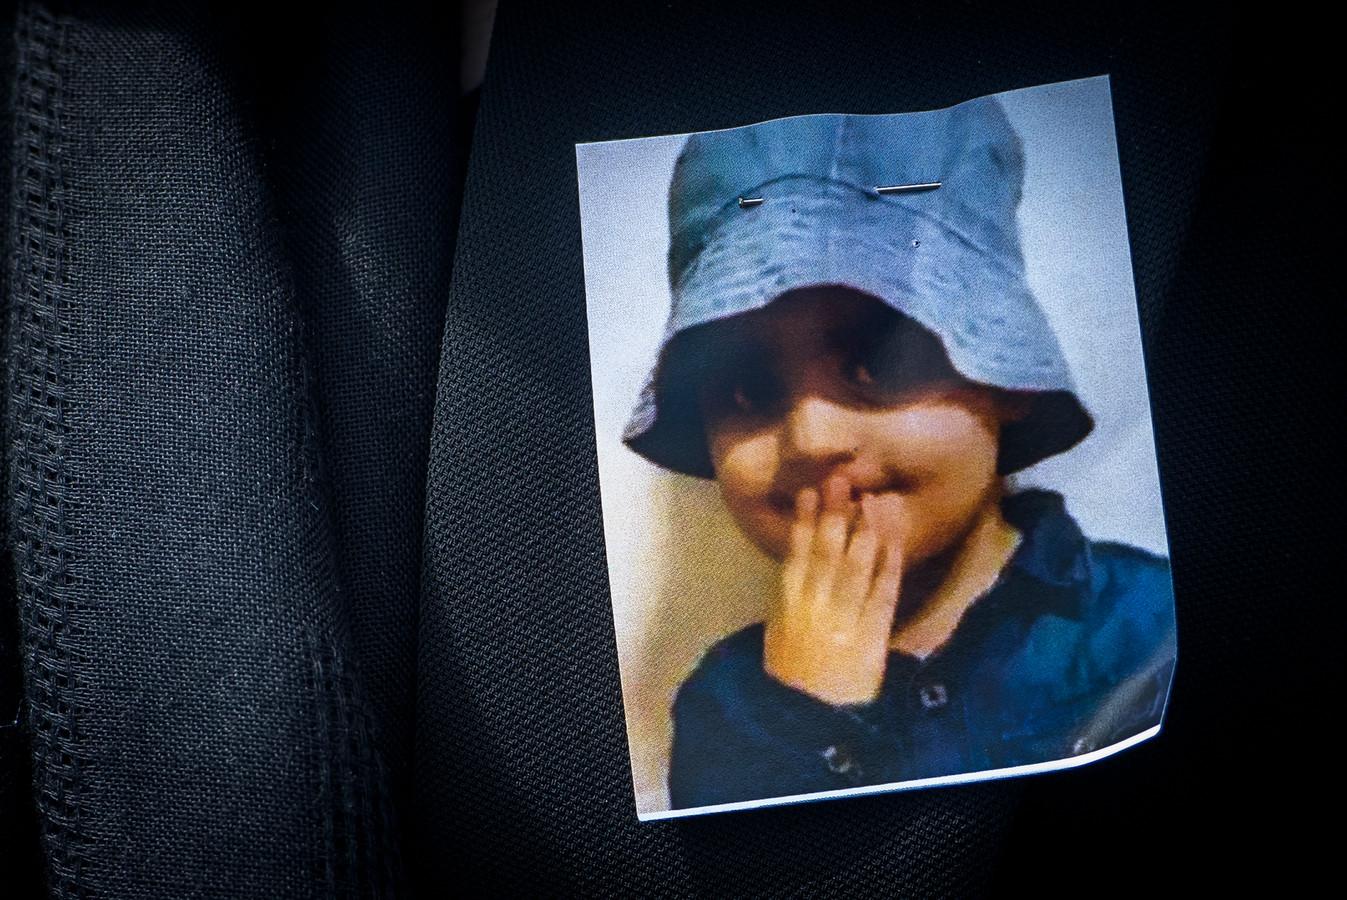 La petite Mawda, âgée de deux ans, a été tuée d'un coup de feu lors de la course-poursuite entre la police et un véhicule transportant des migrants qui s'est déroulée sur l'autoroute E42, la nuit du 16 au 17 mai 2018.